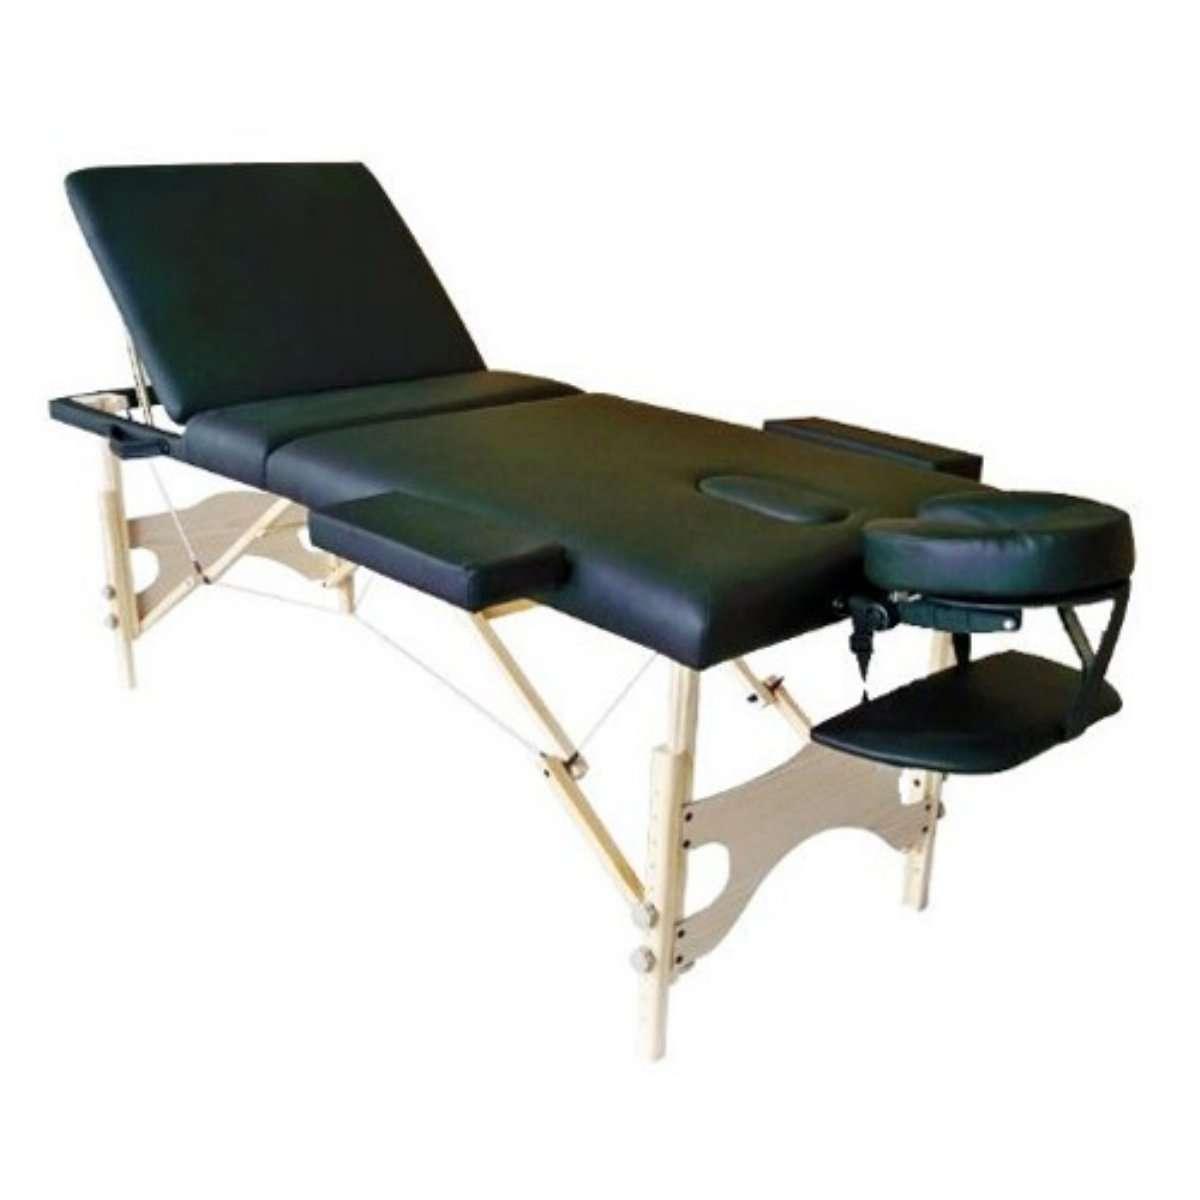 Mesa masajes portatil cama masajes color negro demarkazone - Mesa portatil cama carrefour ...